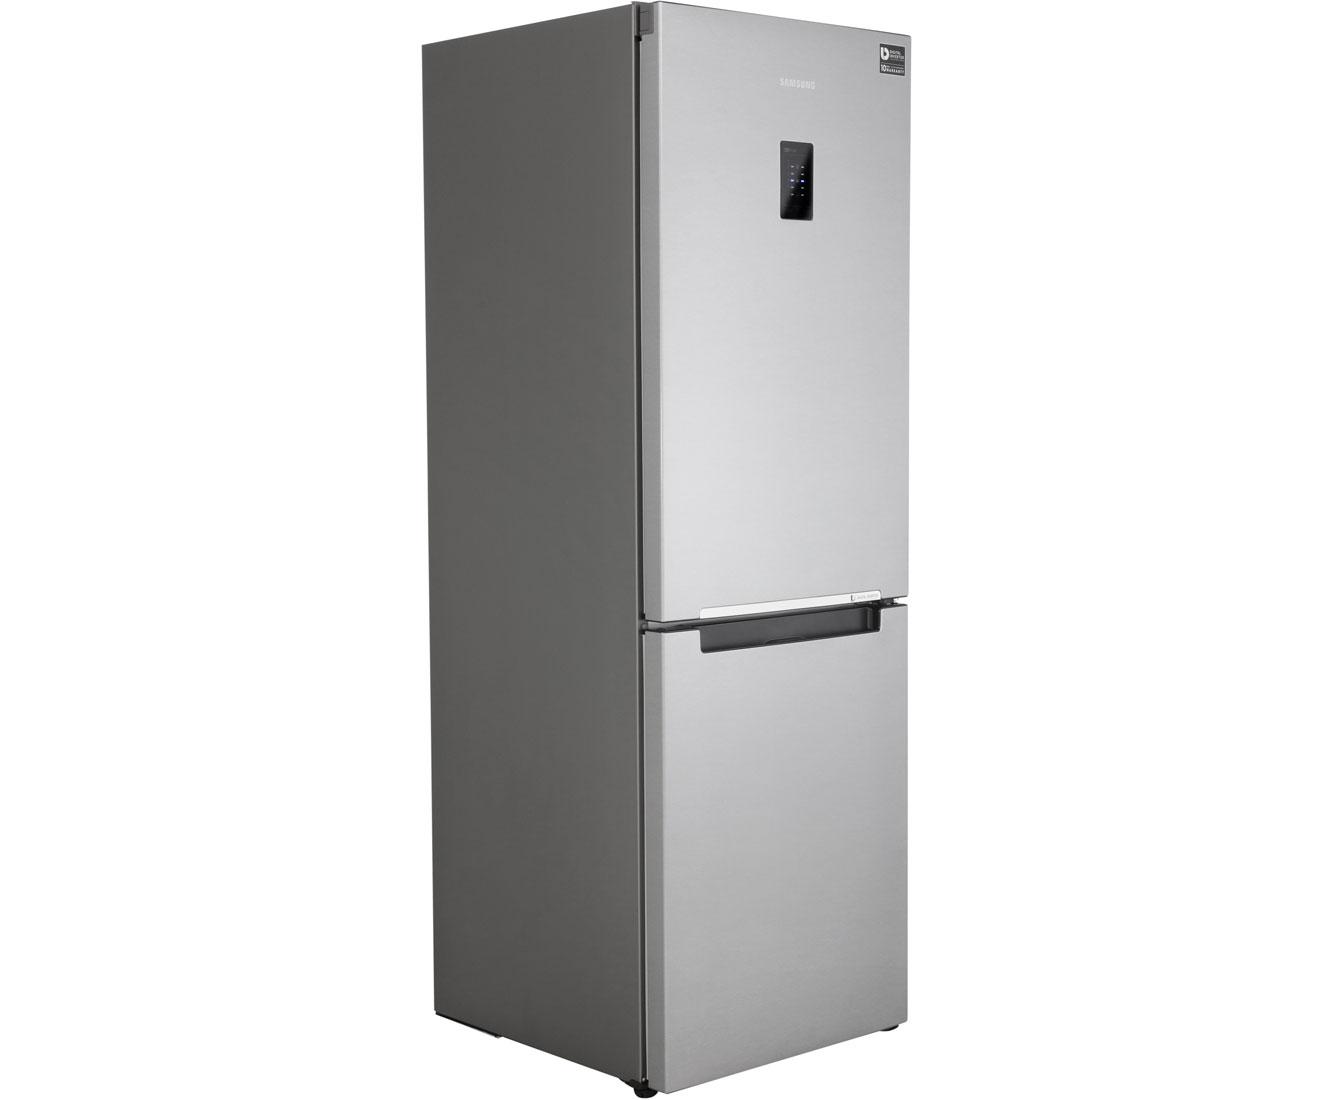 Kühlschrank French Door : Samsung french door kühlschrank u2013 wohn design